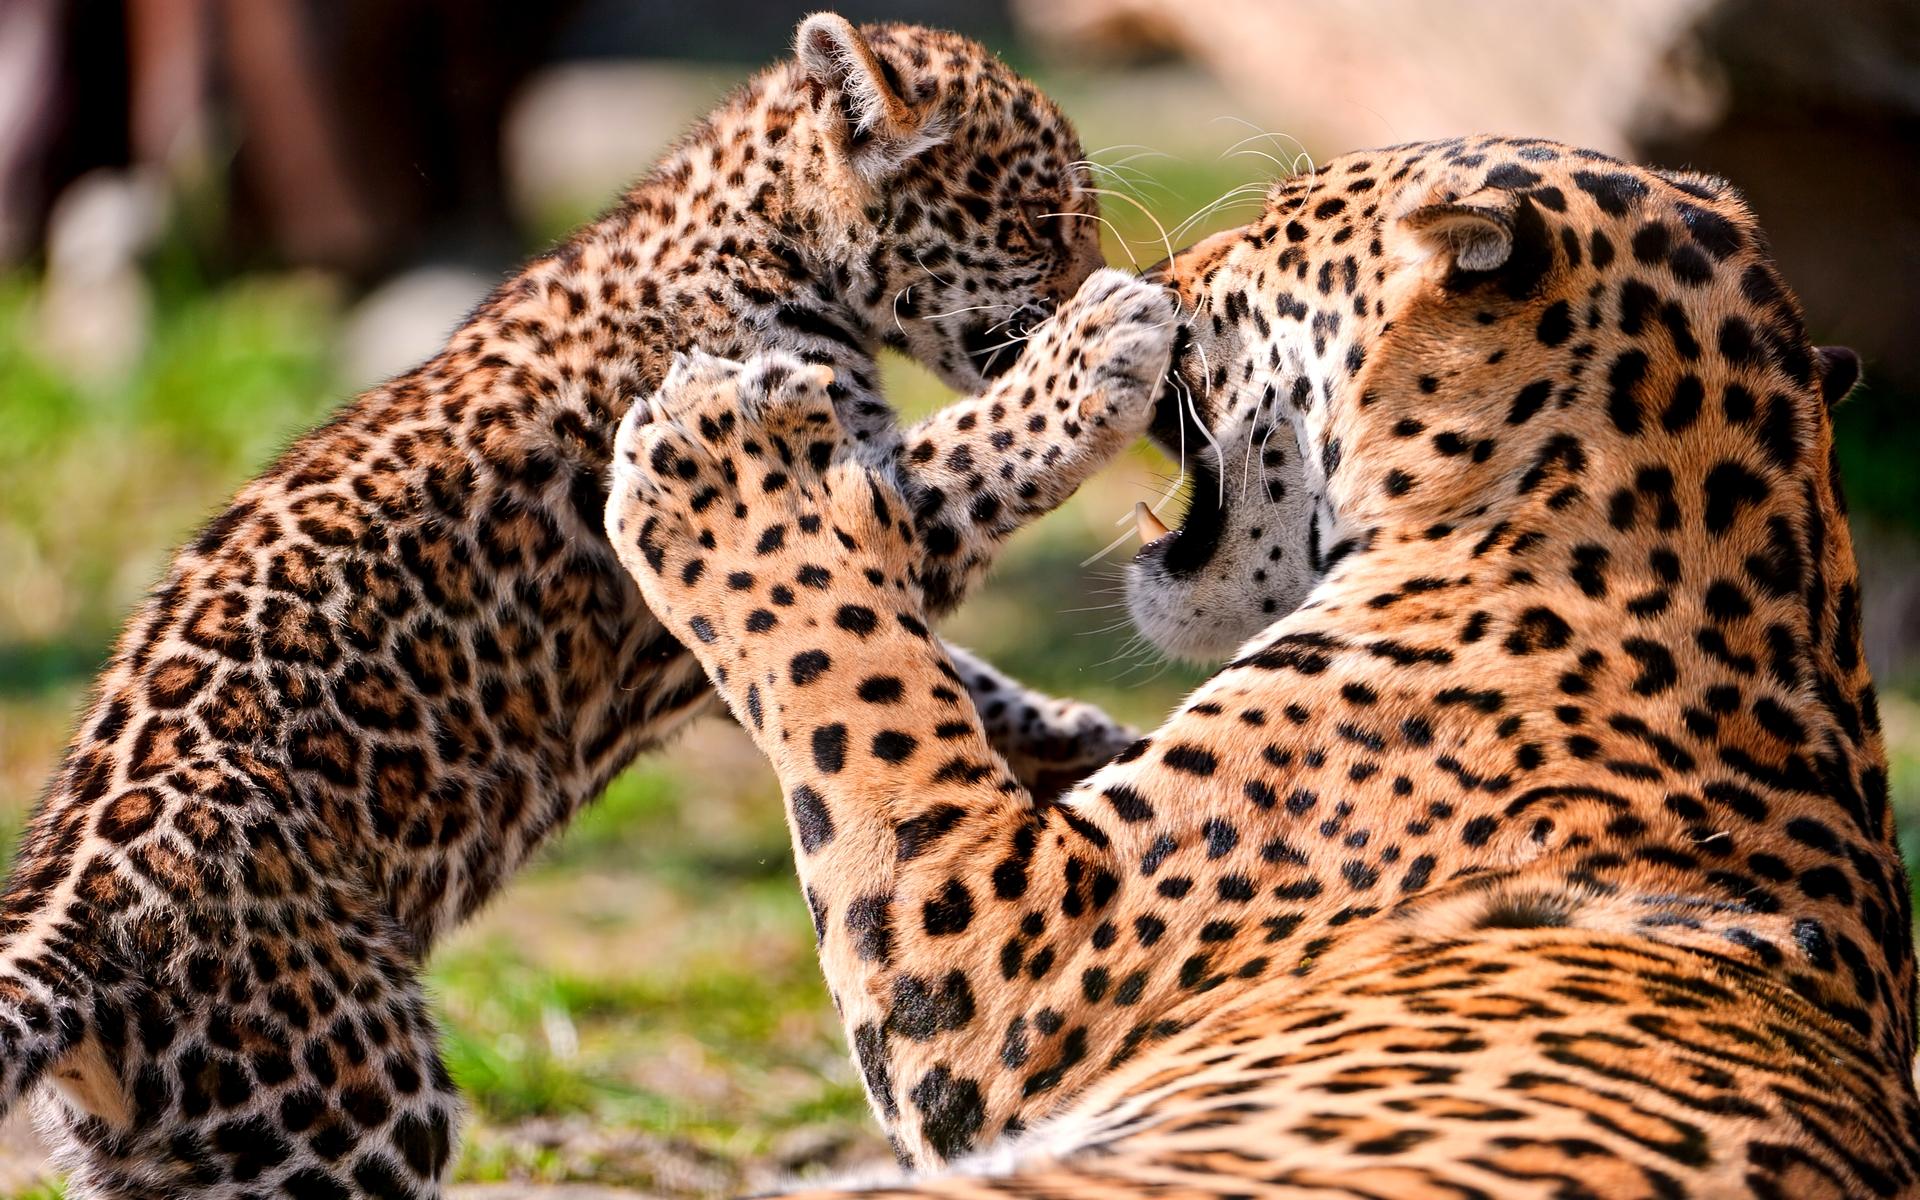 Cheetah Wallpaper 10425 1920x1200 px HDWallSourcecom